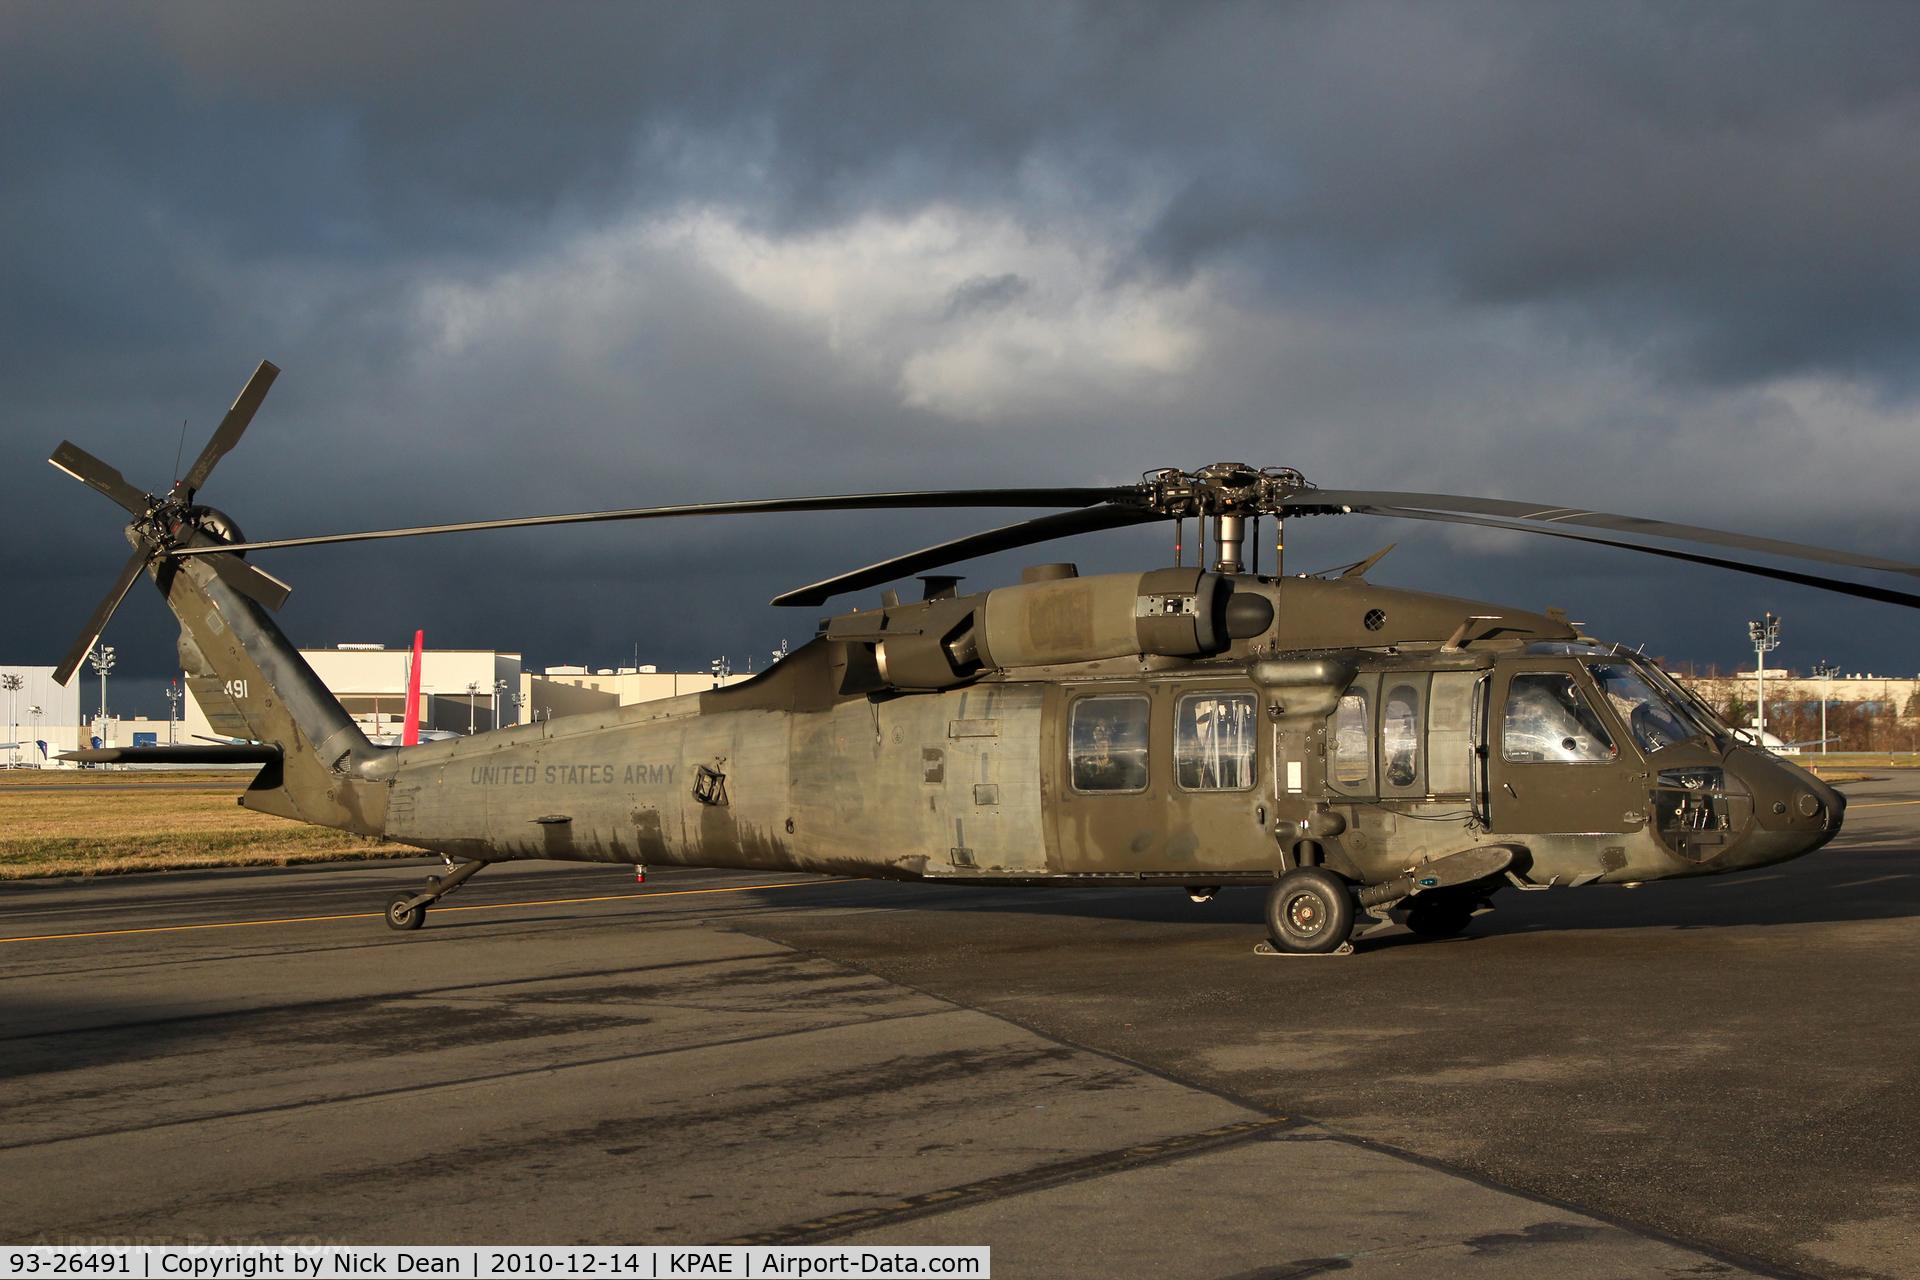 93-26491, 1993 Sikorsky UH-60L Black Hawk C/N Not found 93-26491, KPAE